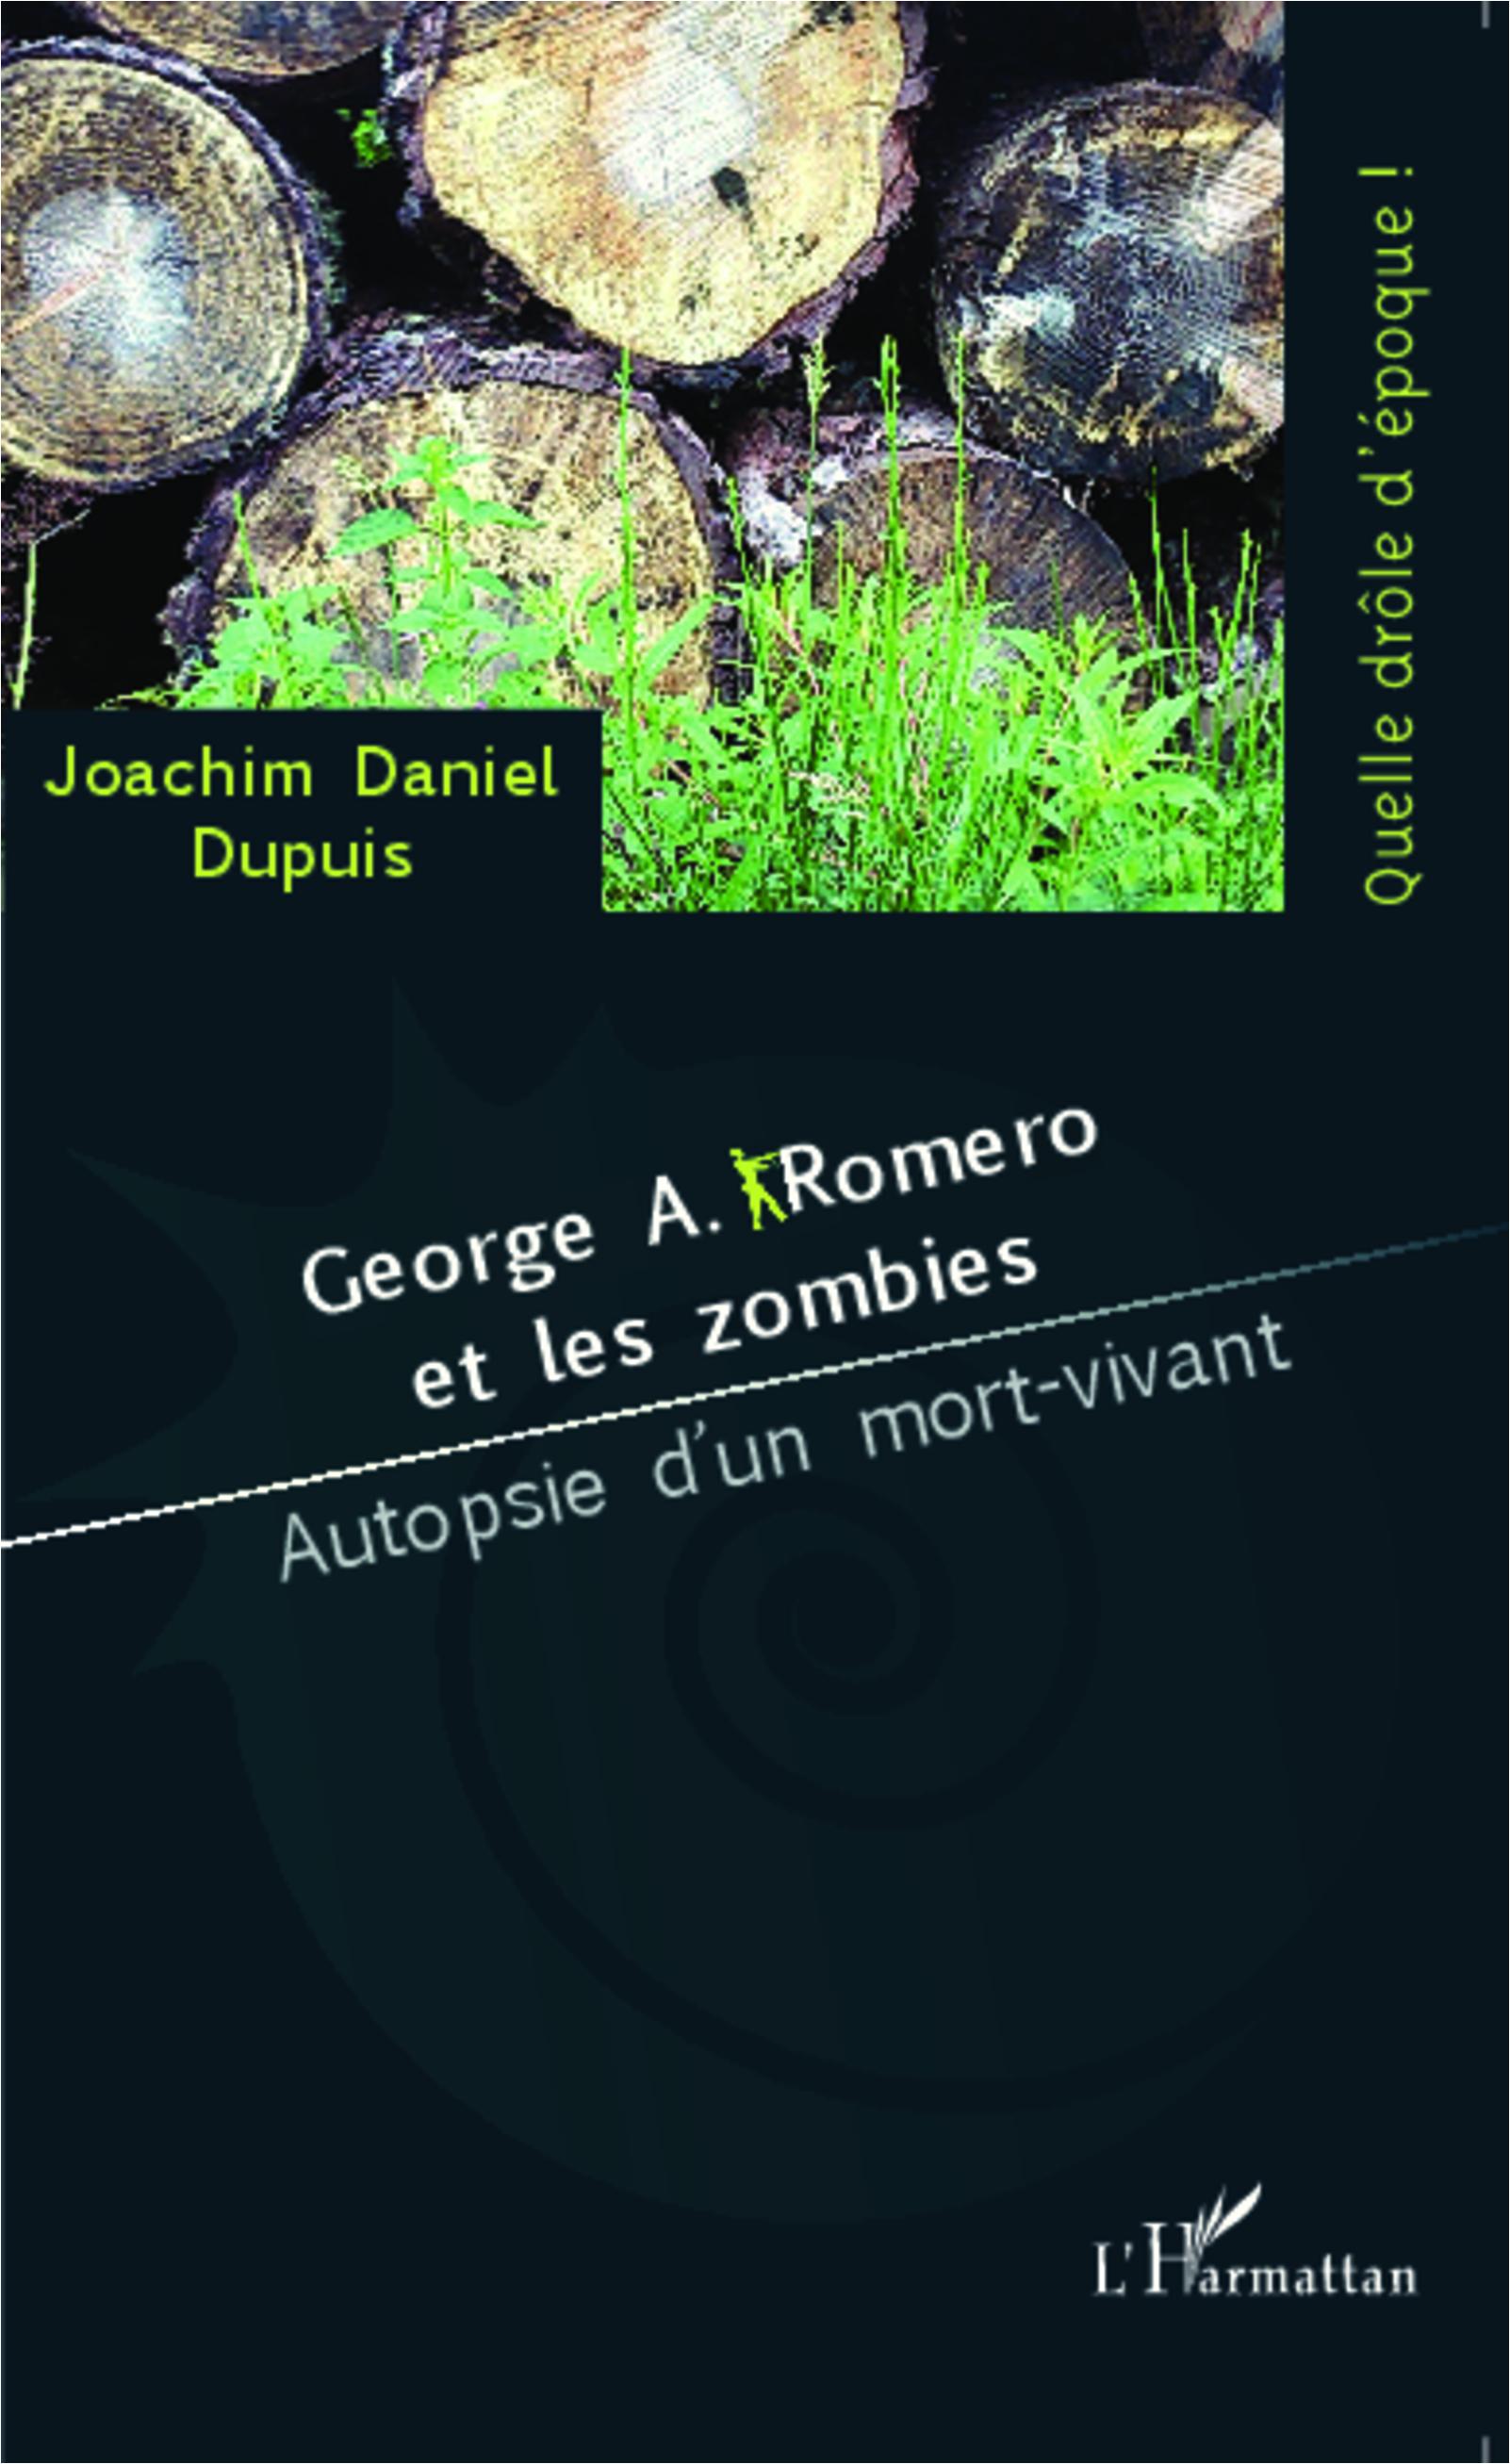 GEORGE A. ROMERO ET LES ZOMBIES - AUTOPSIE D'UN MORT-VIVANT